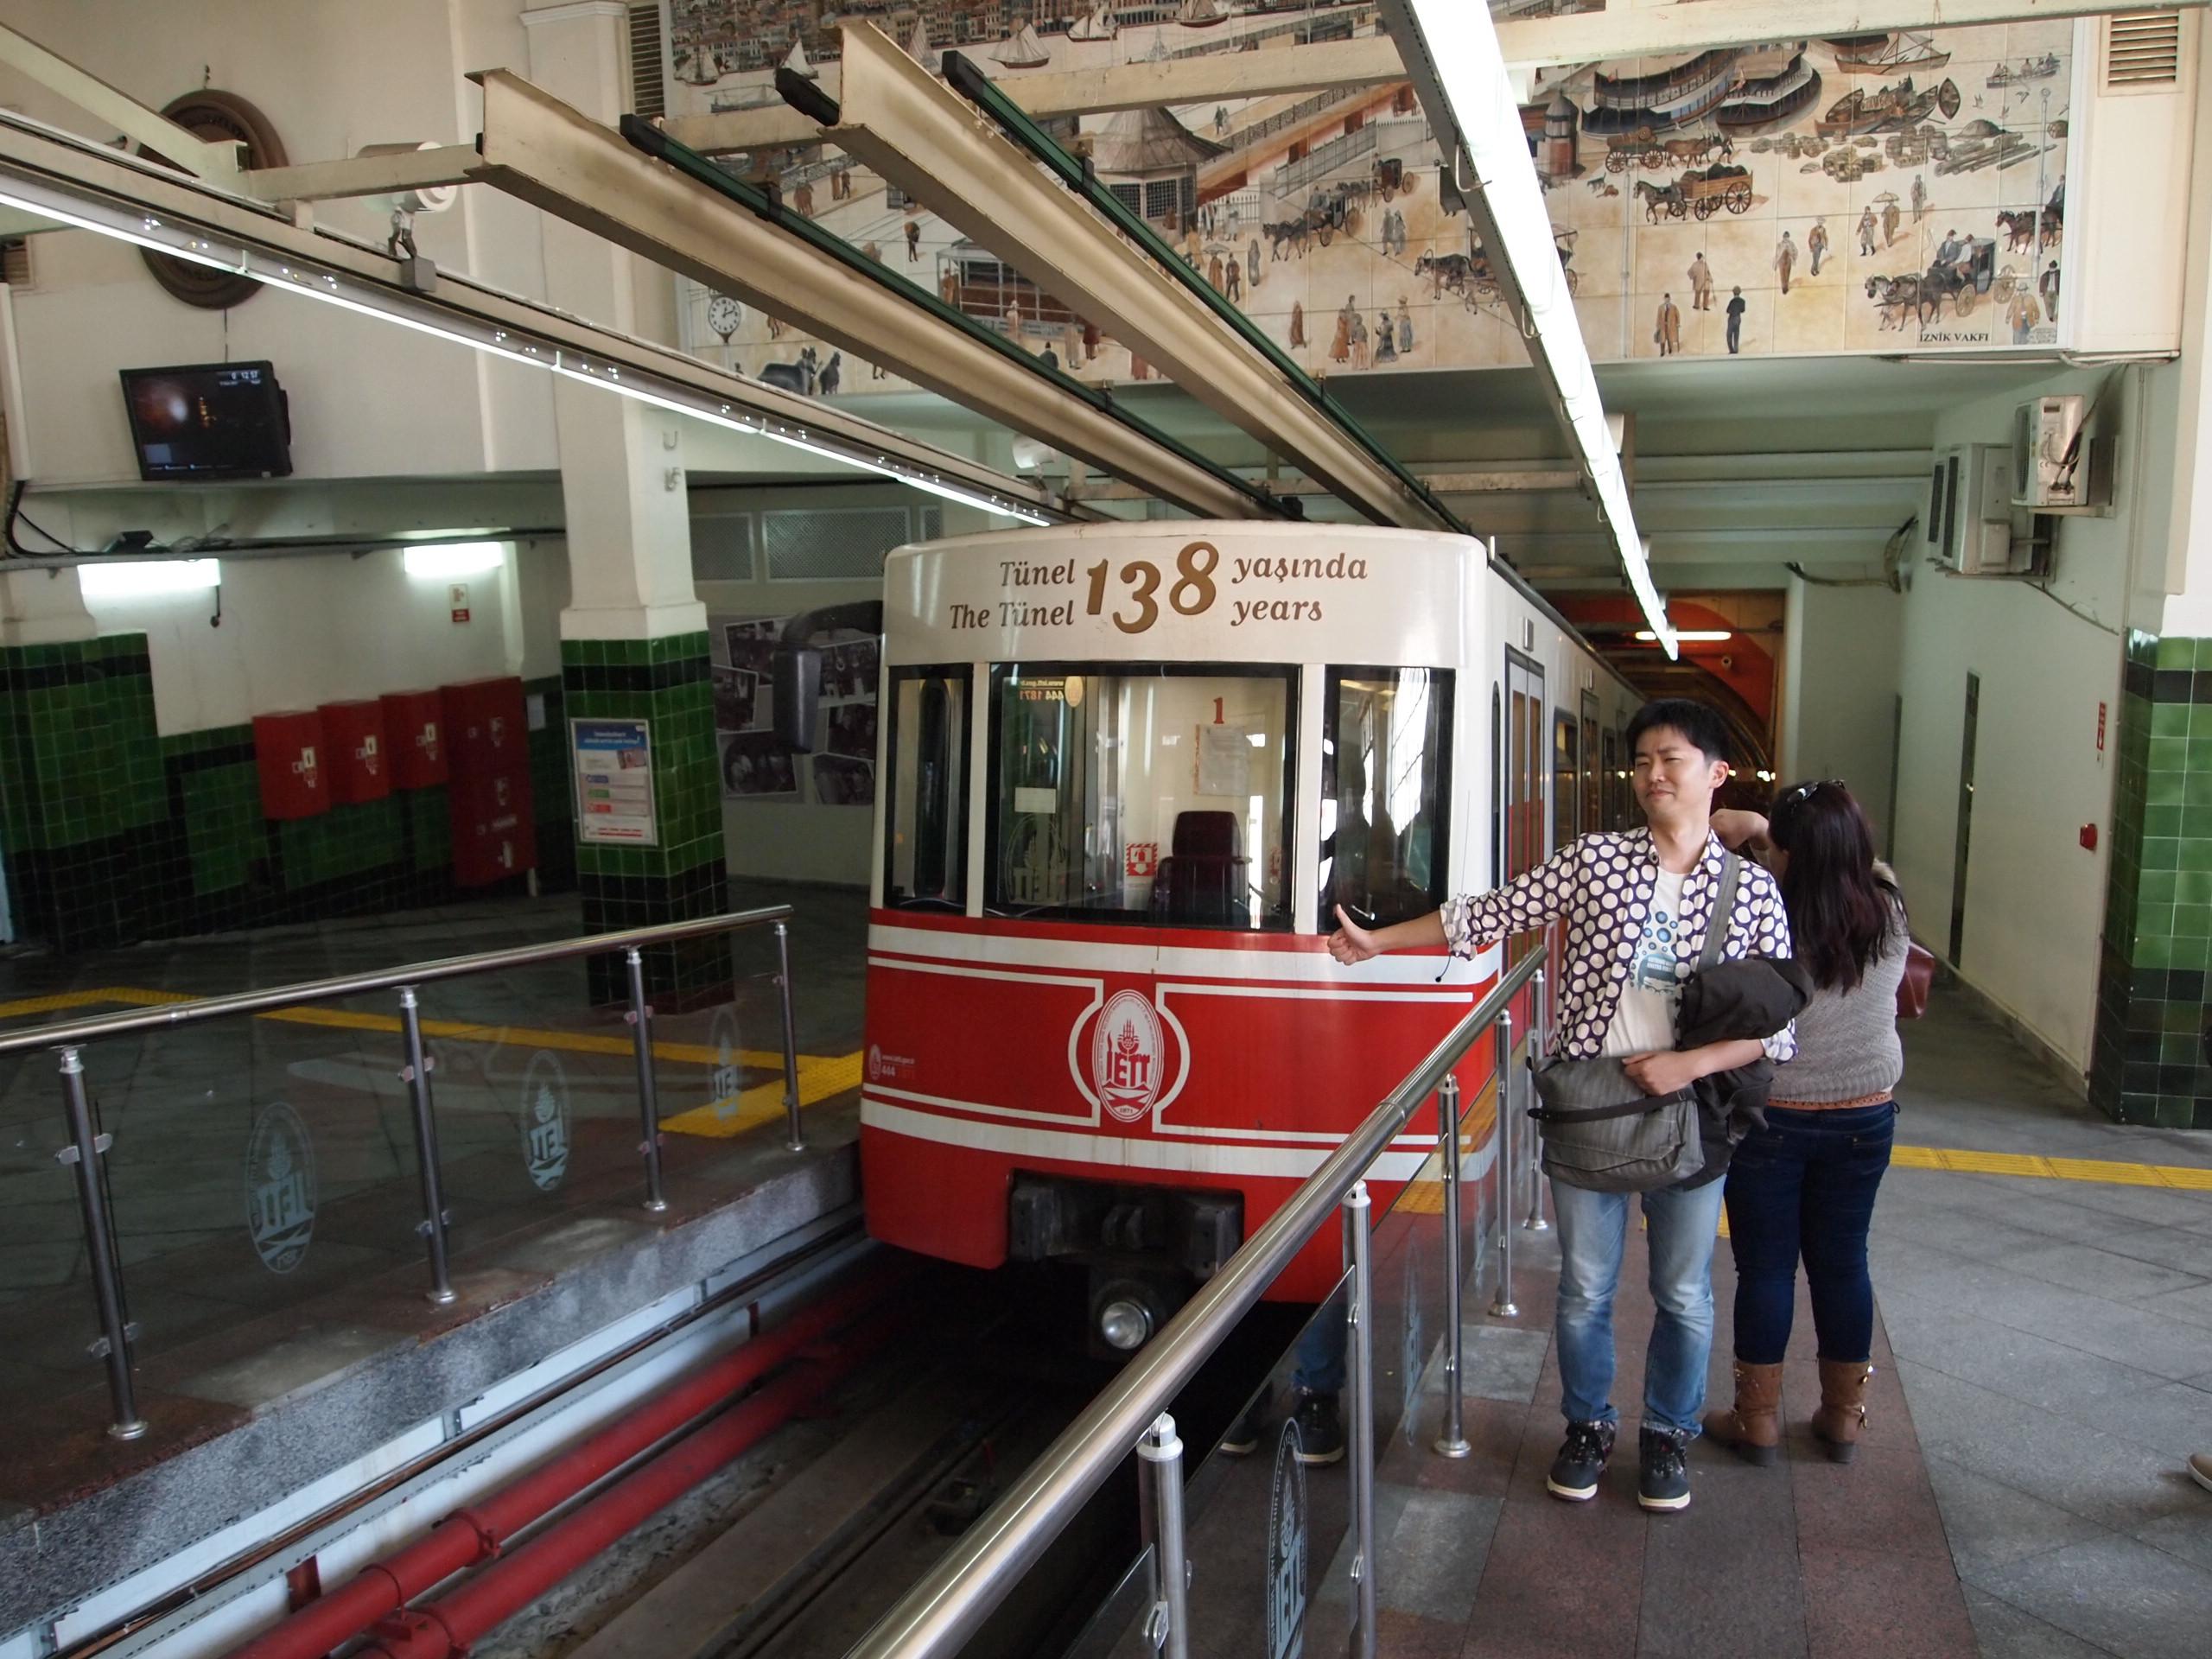 イスタンブールのテュネルは、ケーブルカーだ!